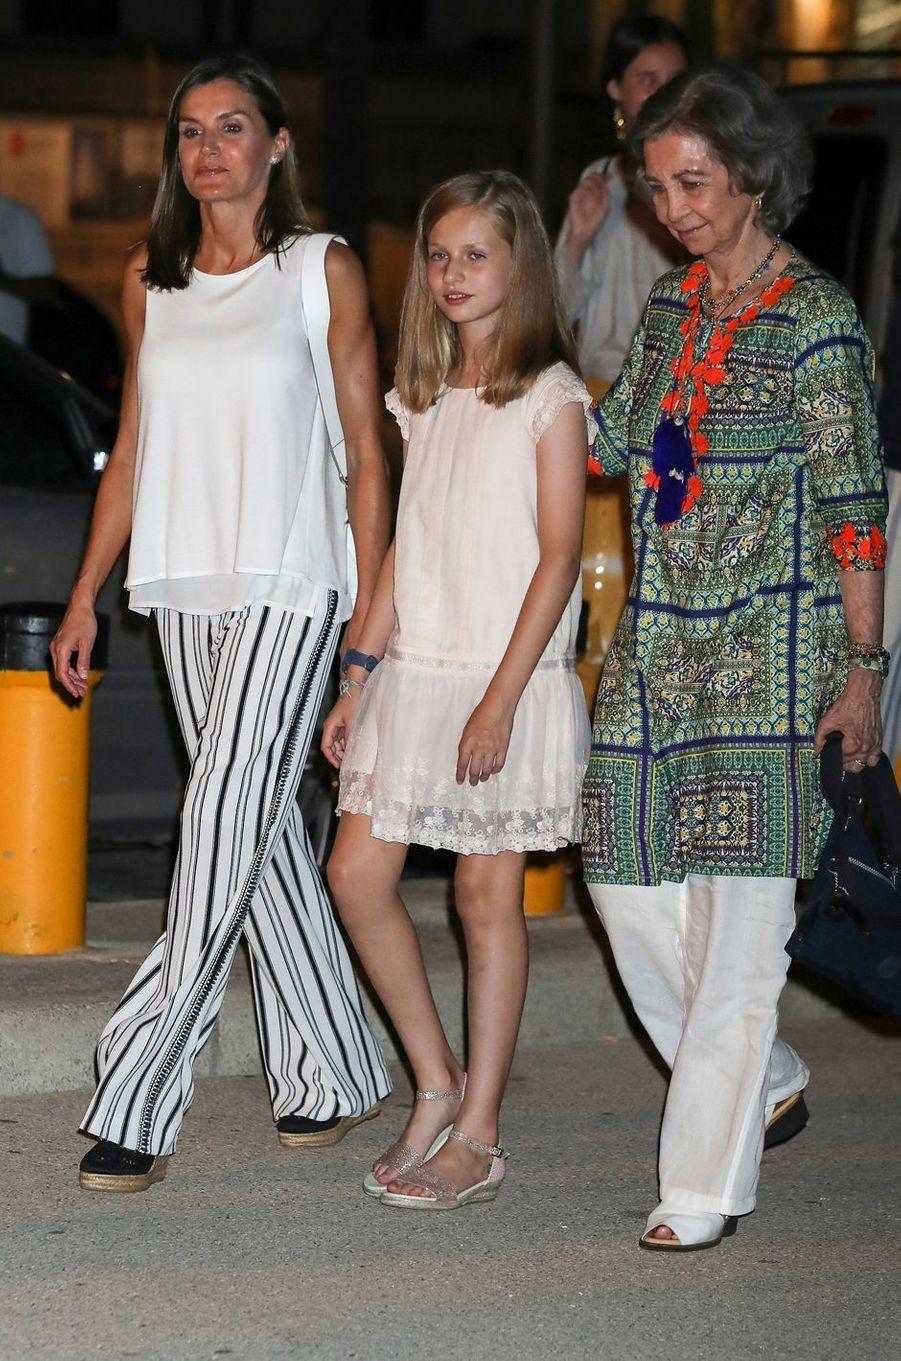 La reine Letizia d'Espagne avec la princesse Leonor et l'ex-reine Sofia à Palma de Majorque, le 4 août 2018